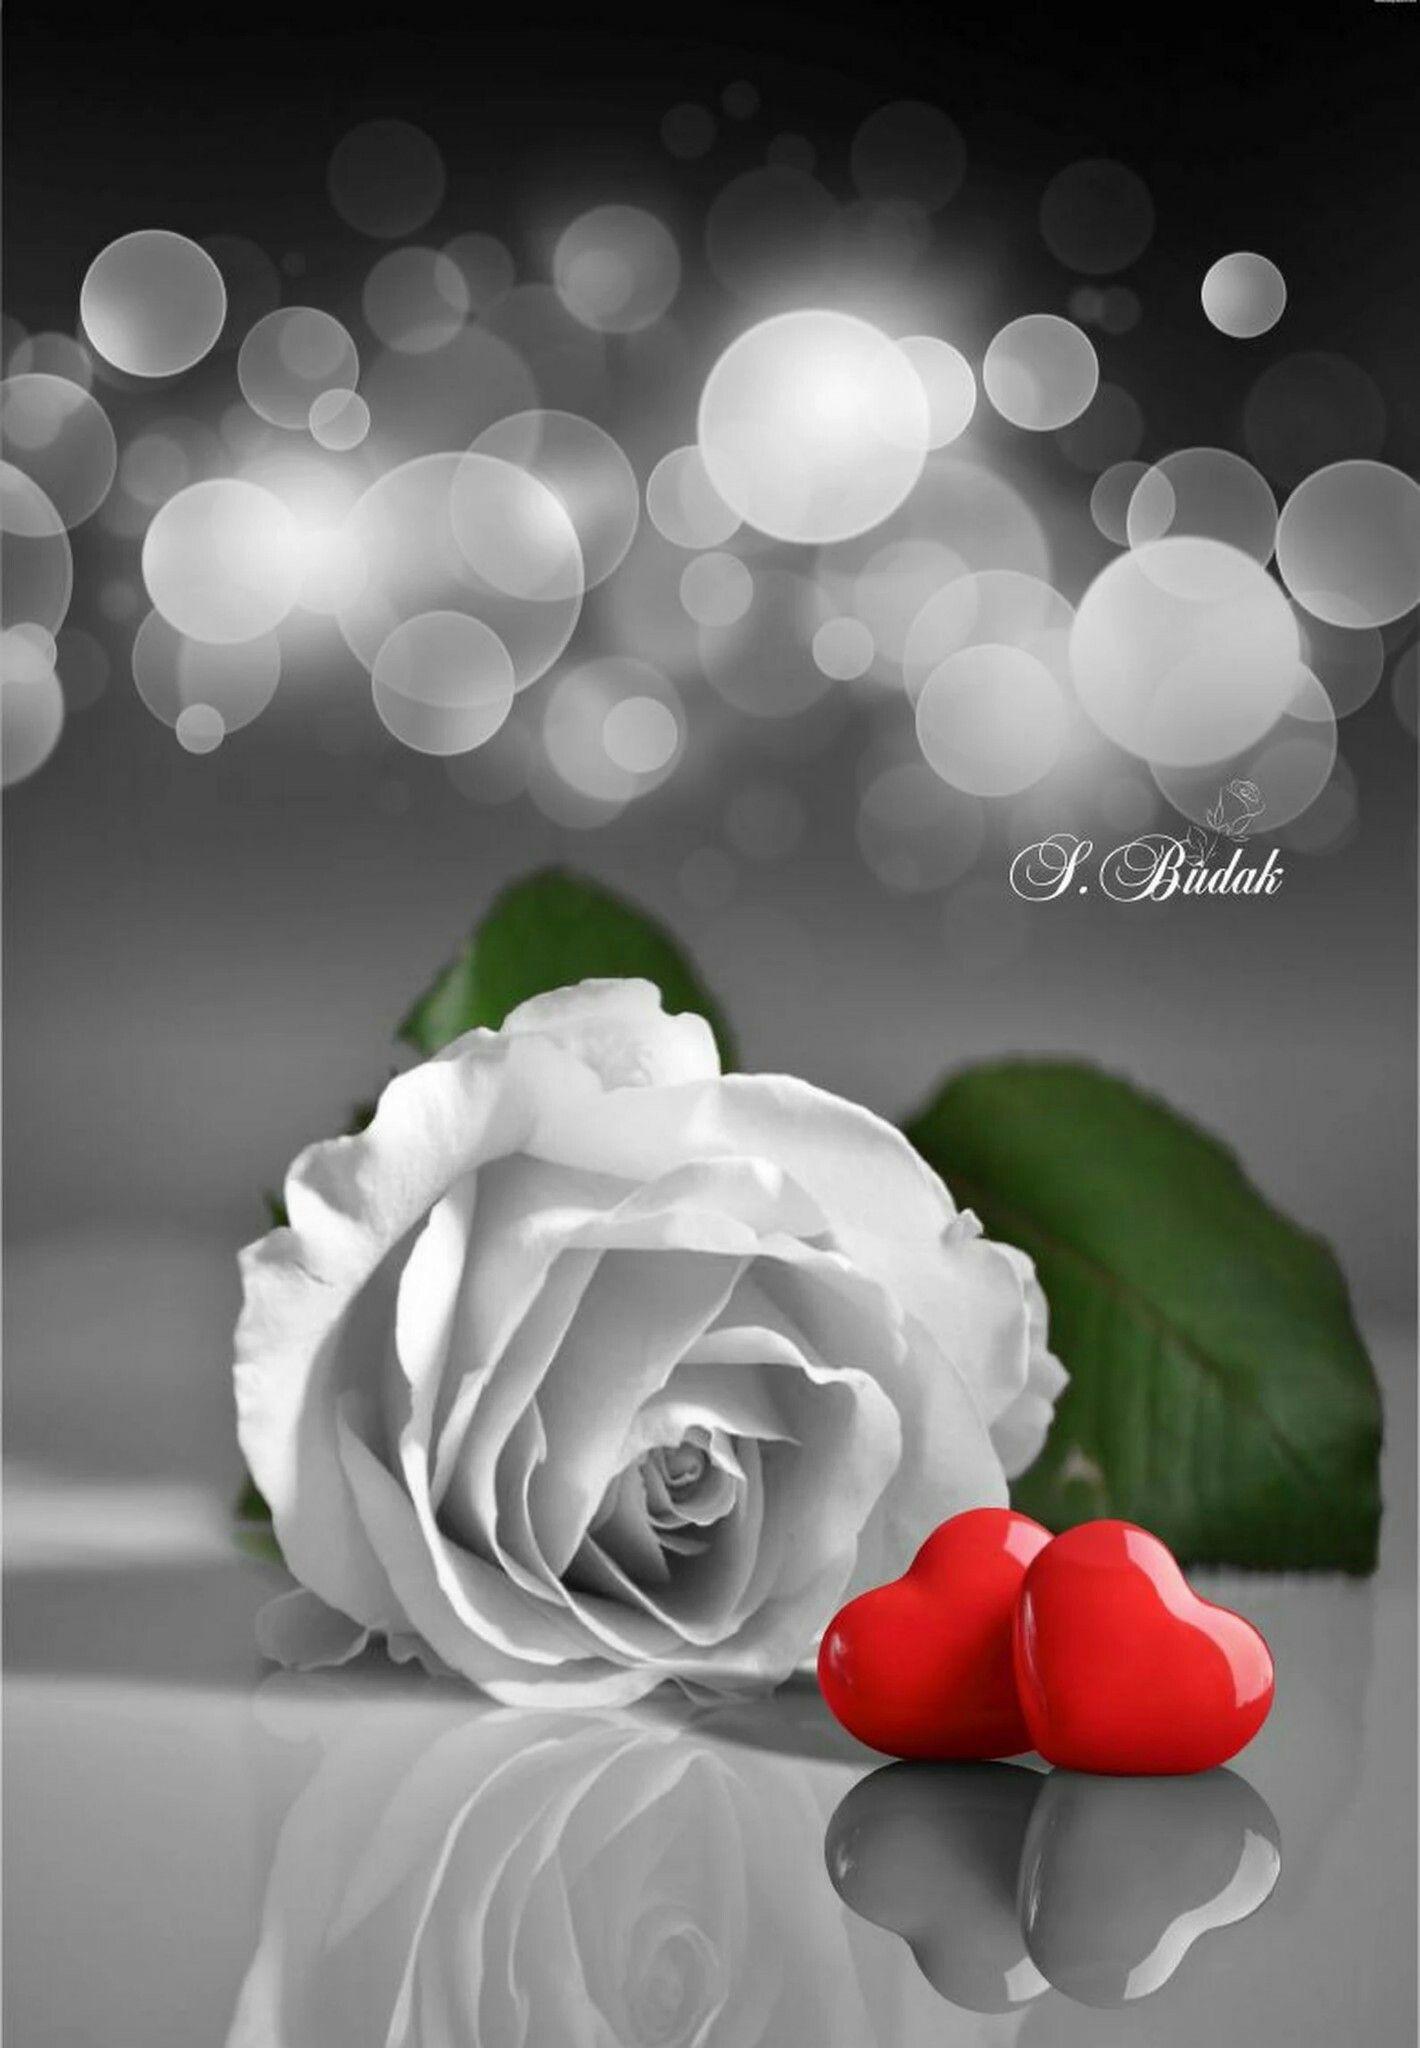 Pin De Marta Laje En Sabri Budak Color Splash Pinterest Rosas